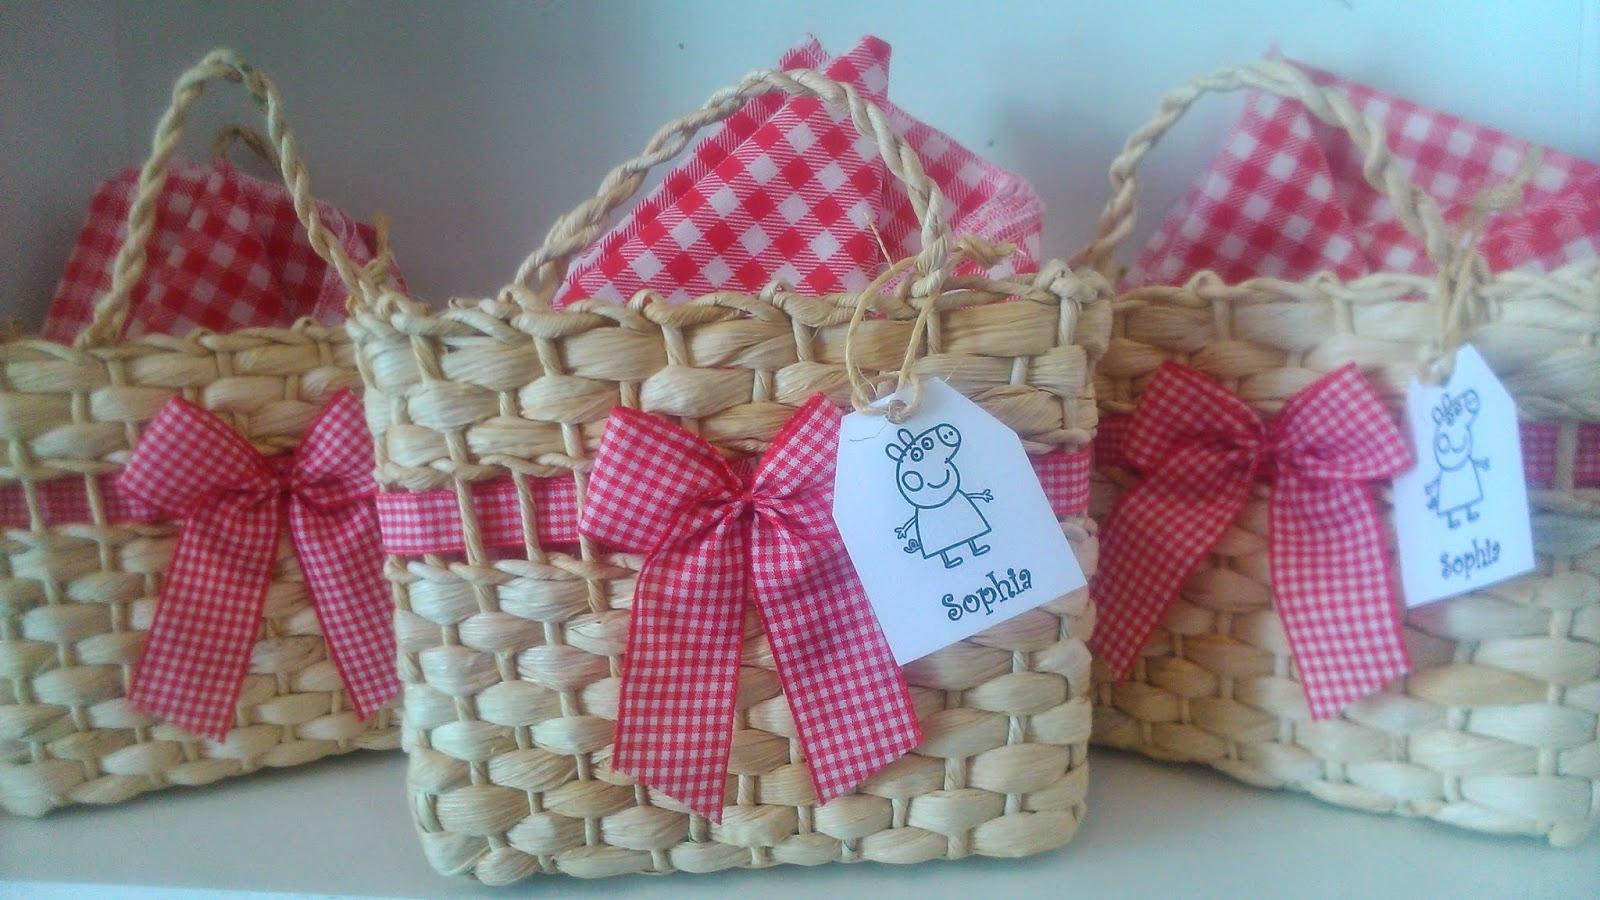 Bolsa De Festa Em Atacado : Atelie de ideia bolsa palha infantil